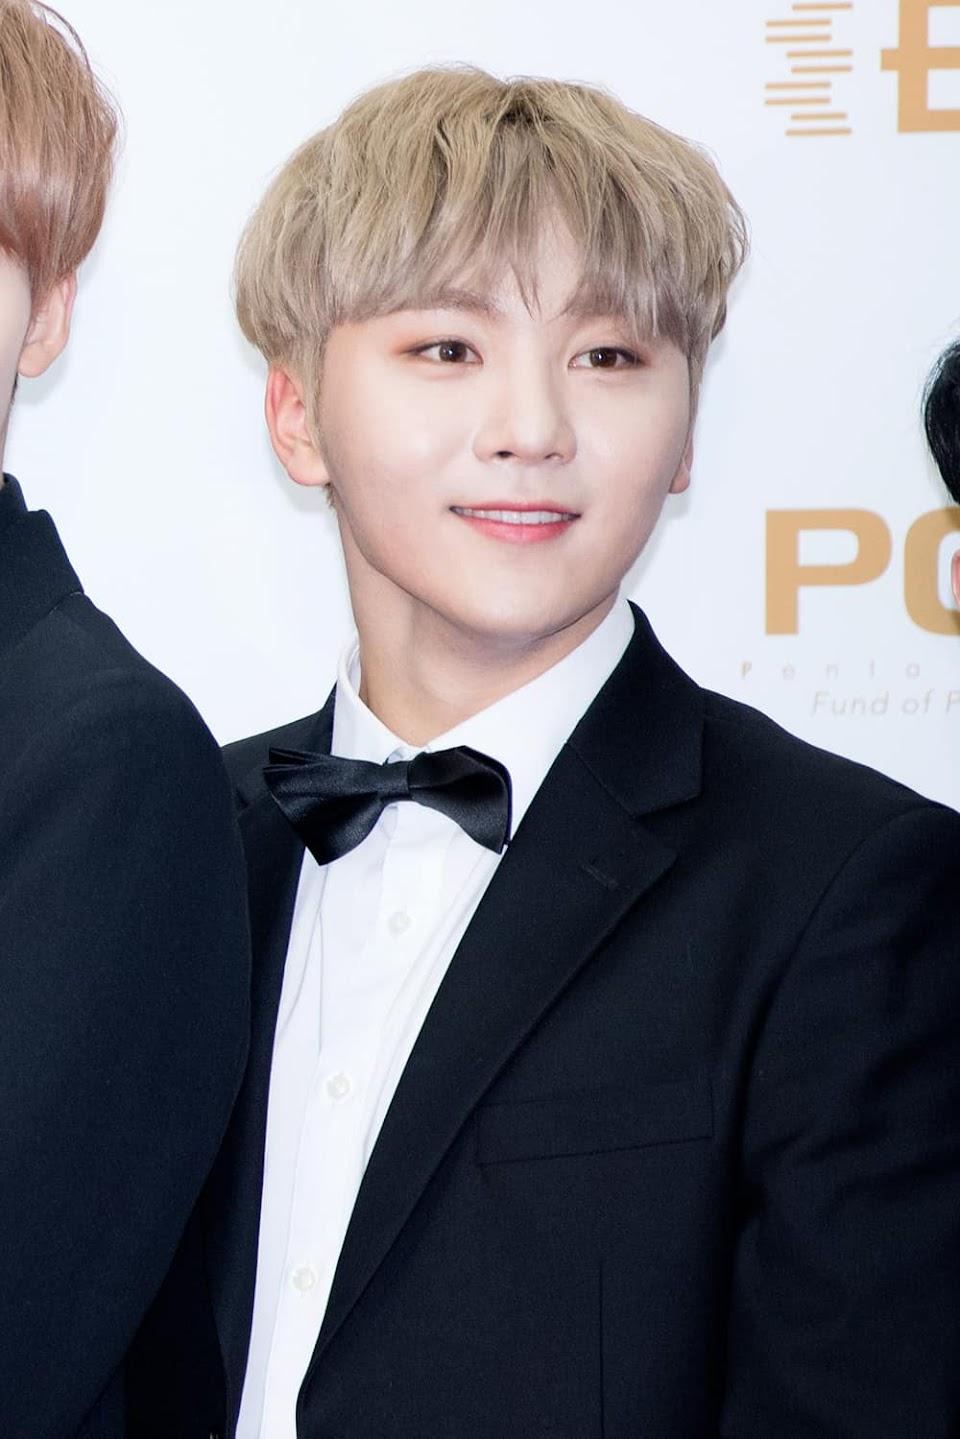 Seung-kwan_2